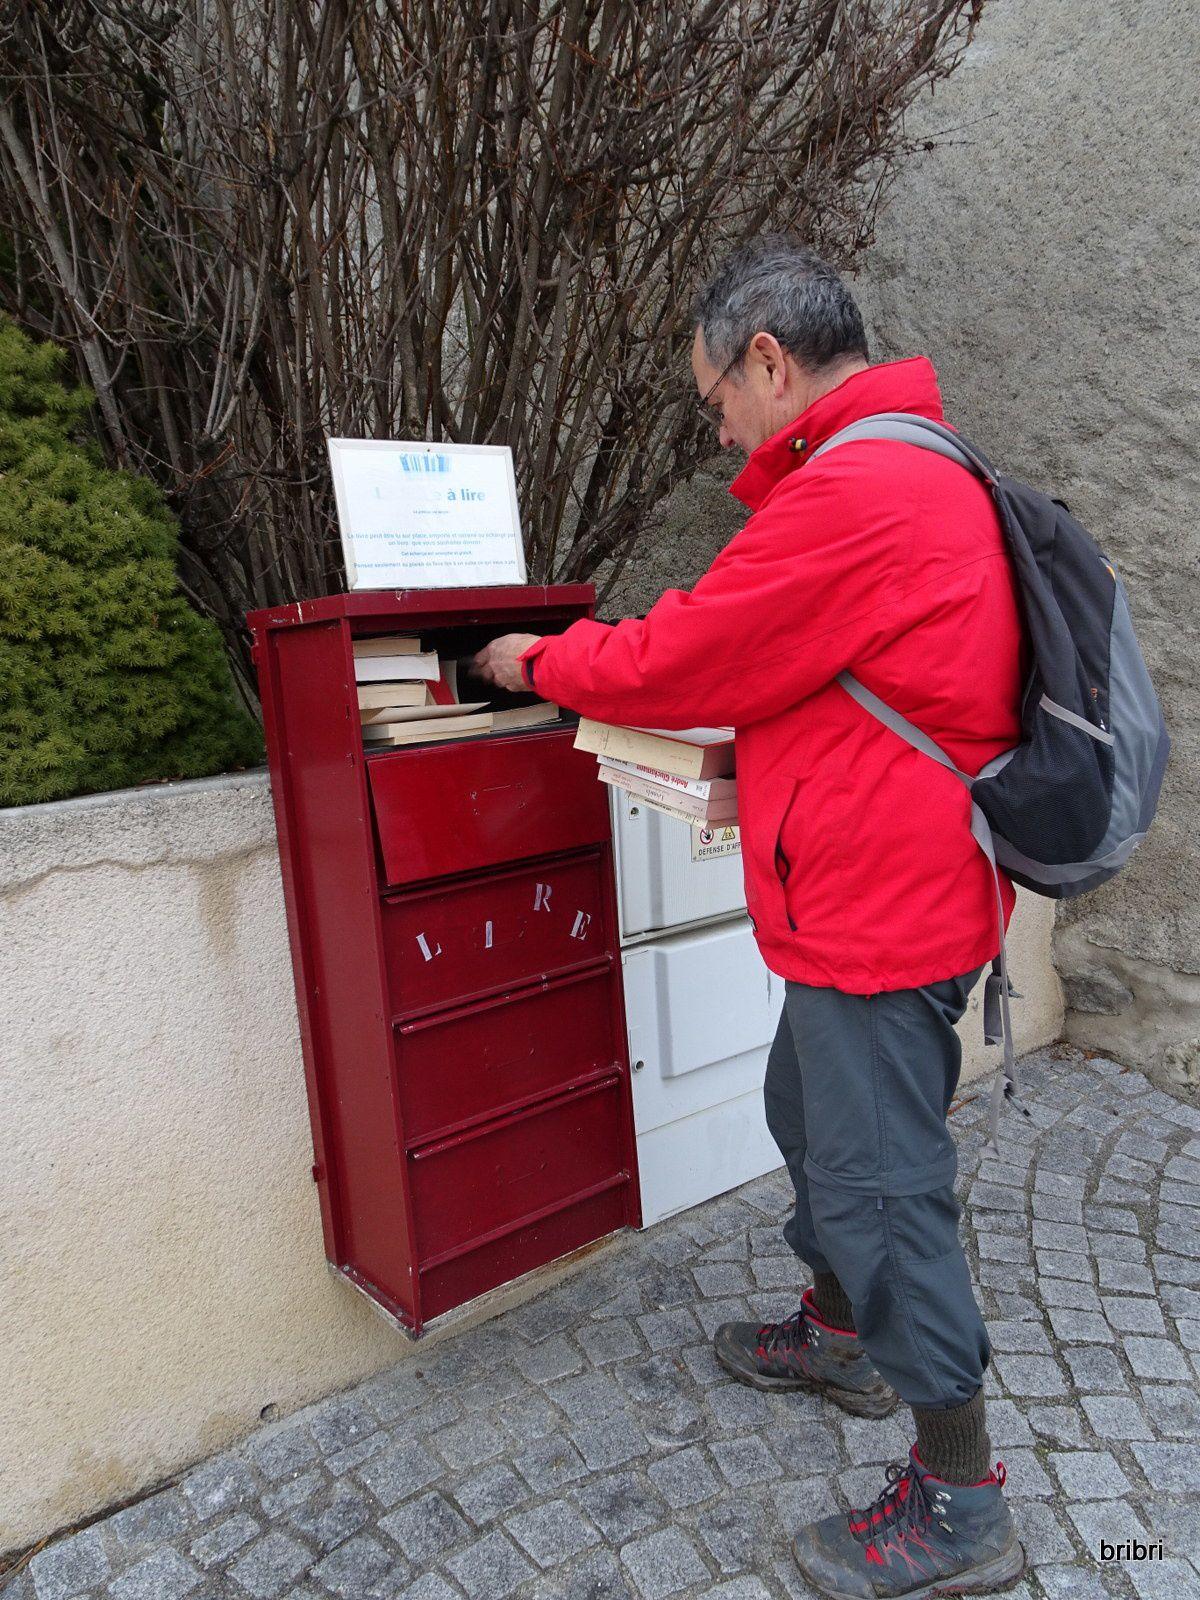 Le GO cherche un livre dans cette boite à lire, puis photo souvenir du retour, tout le monde est là, pas de perte!